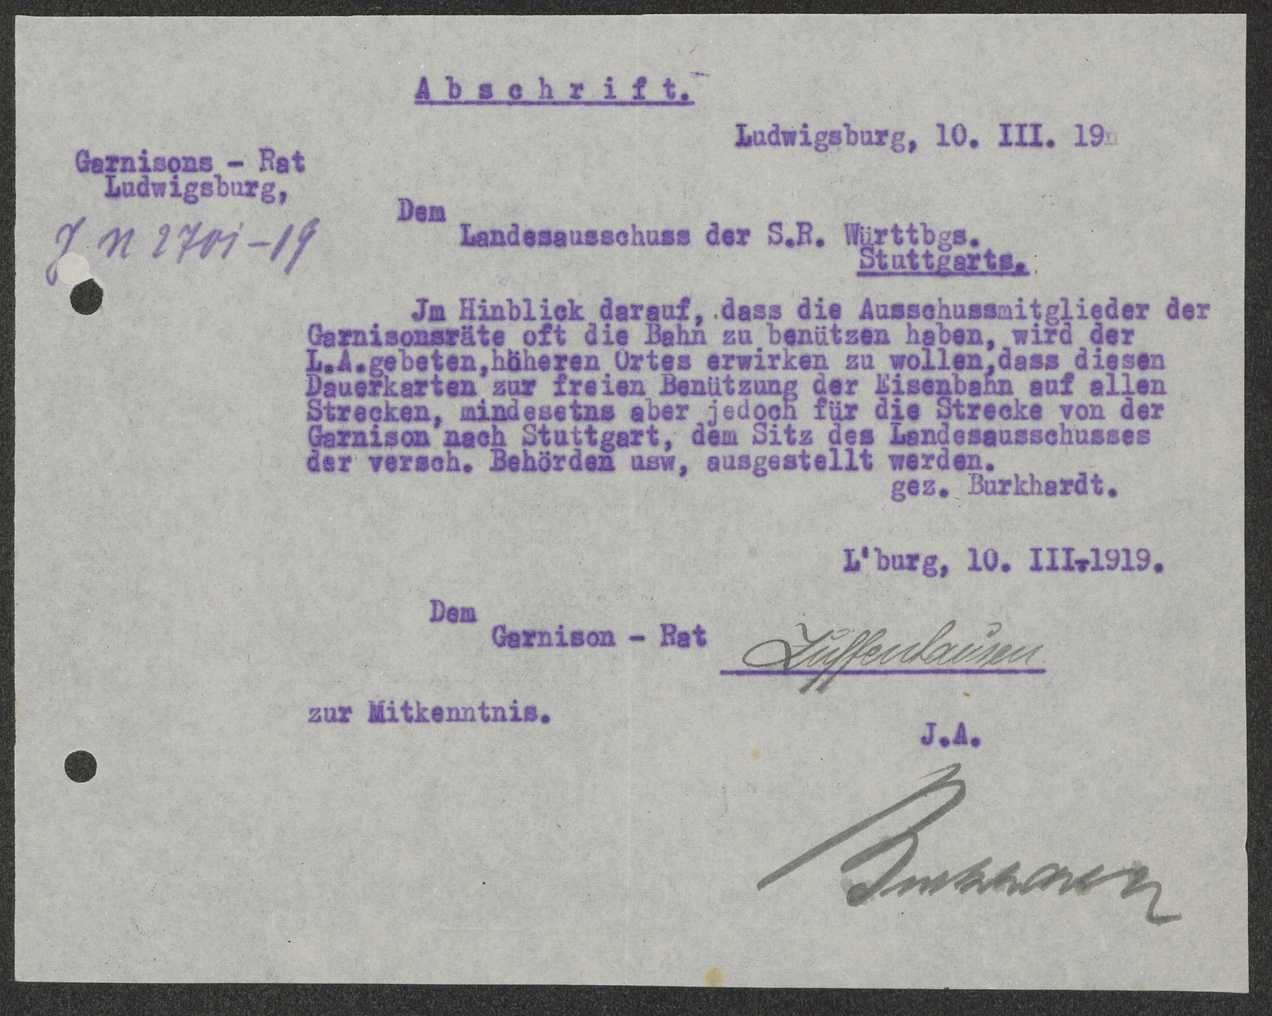 Mitteilung über einen Antrag des Garnisonrats Ludwigsburg zur freien Benutzung der Eisenbahn für Garnisonräte, Bild 1